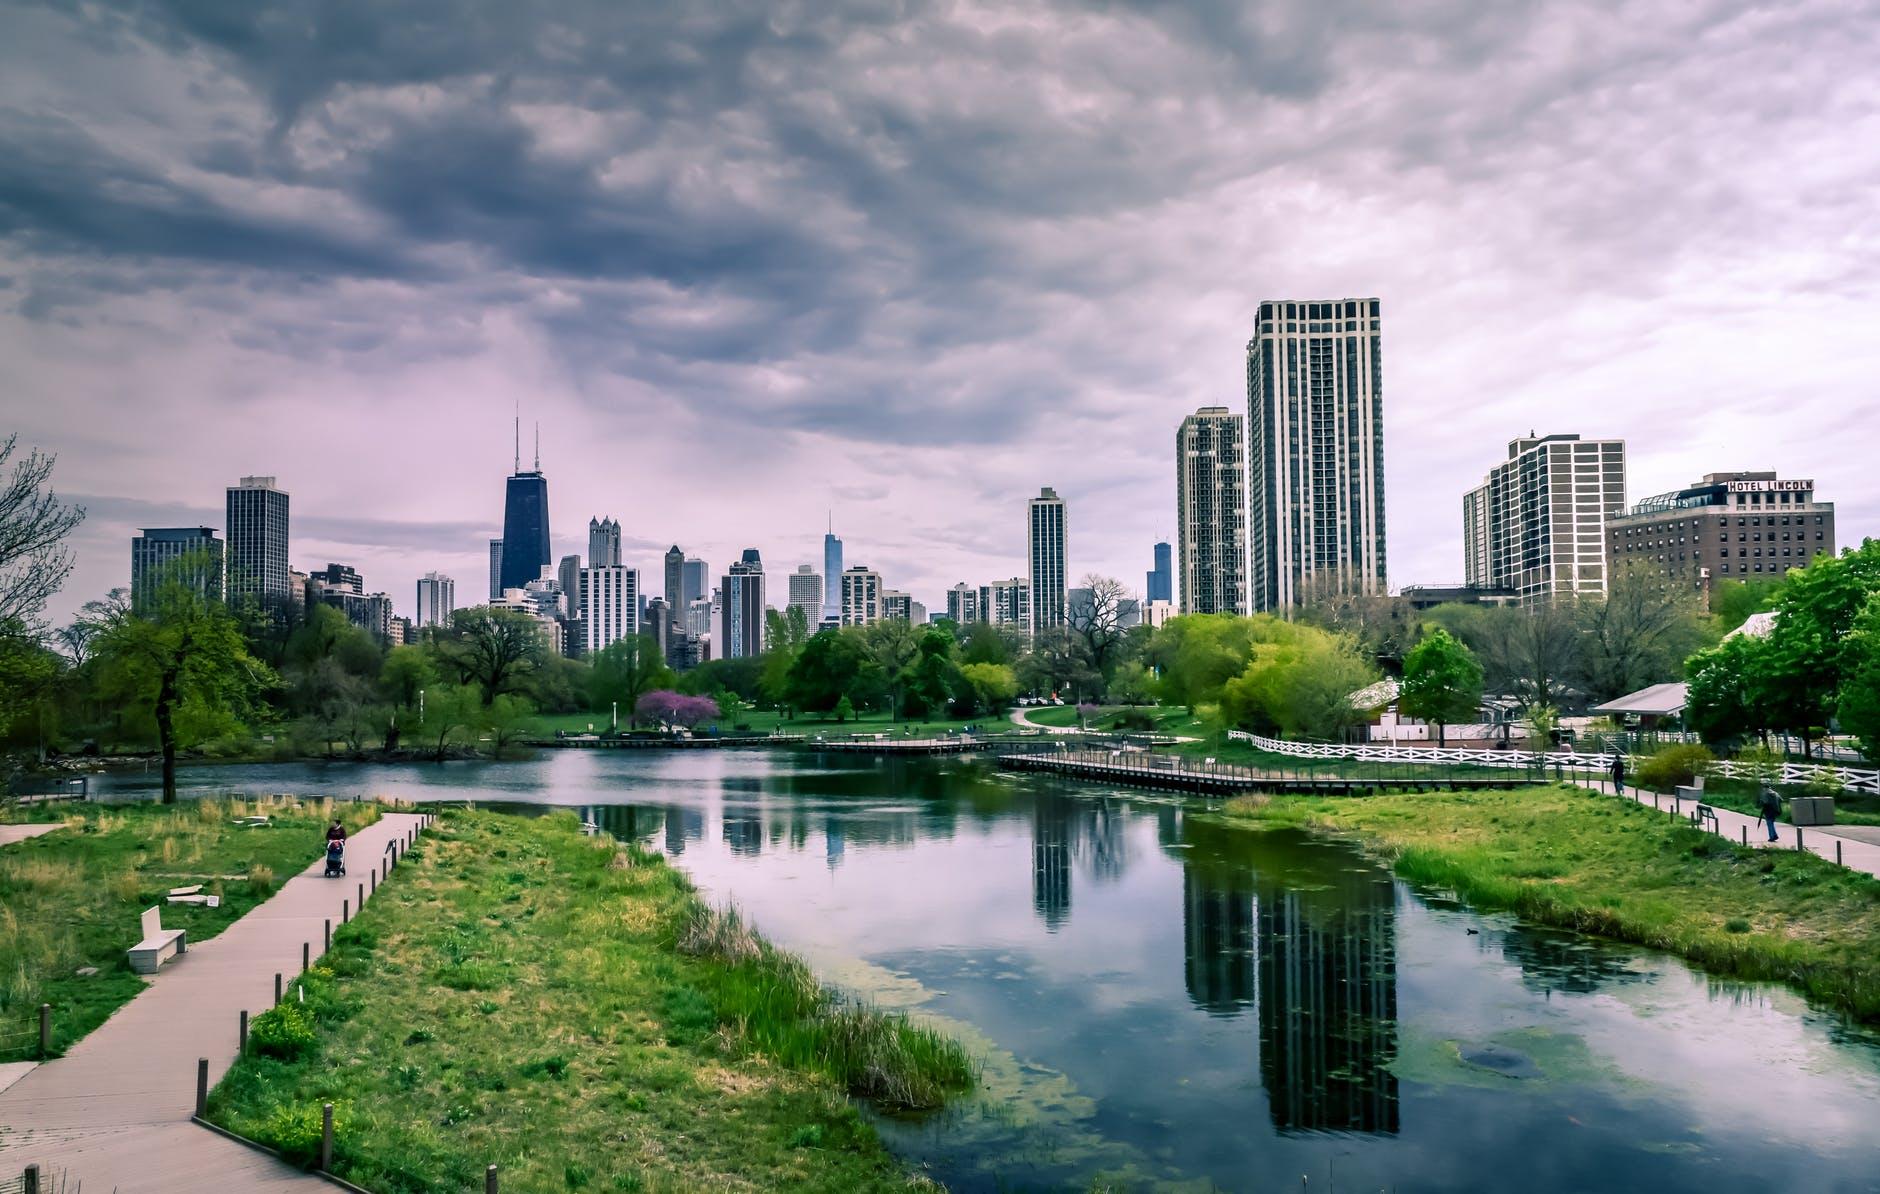 ciudades verdes , chicago